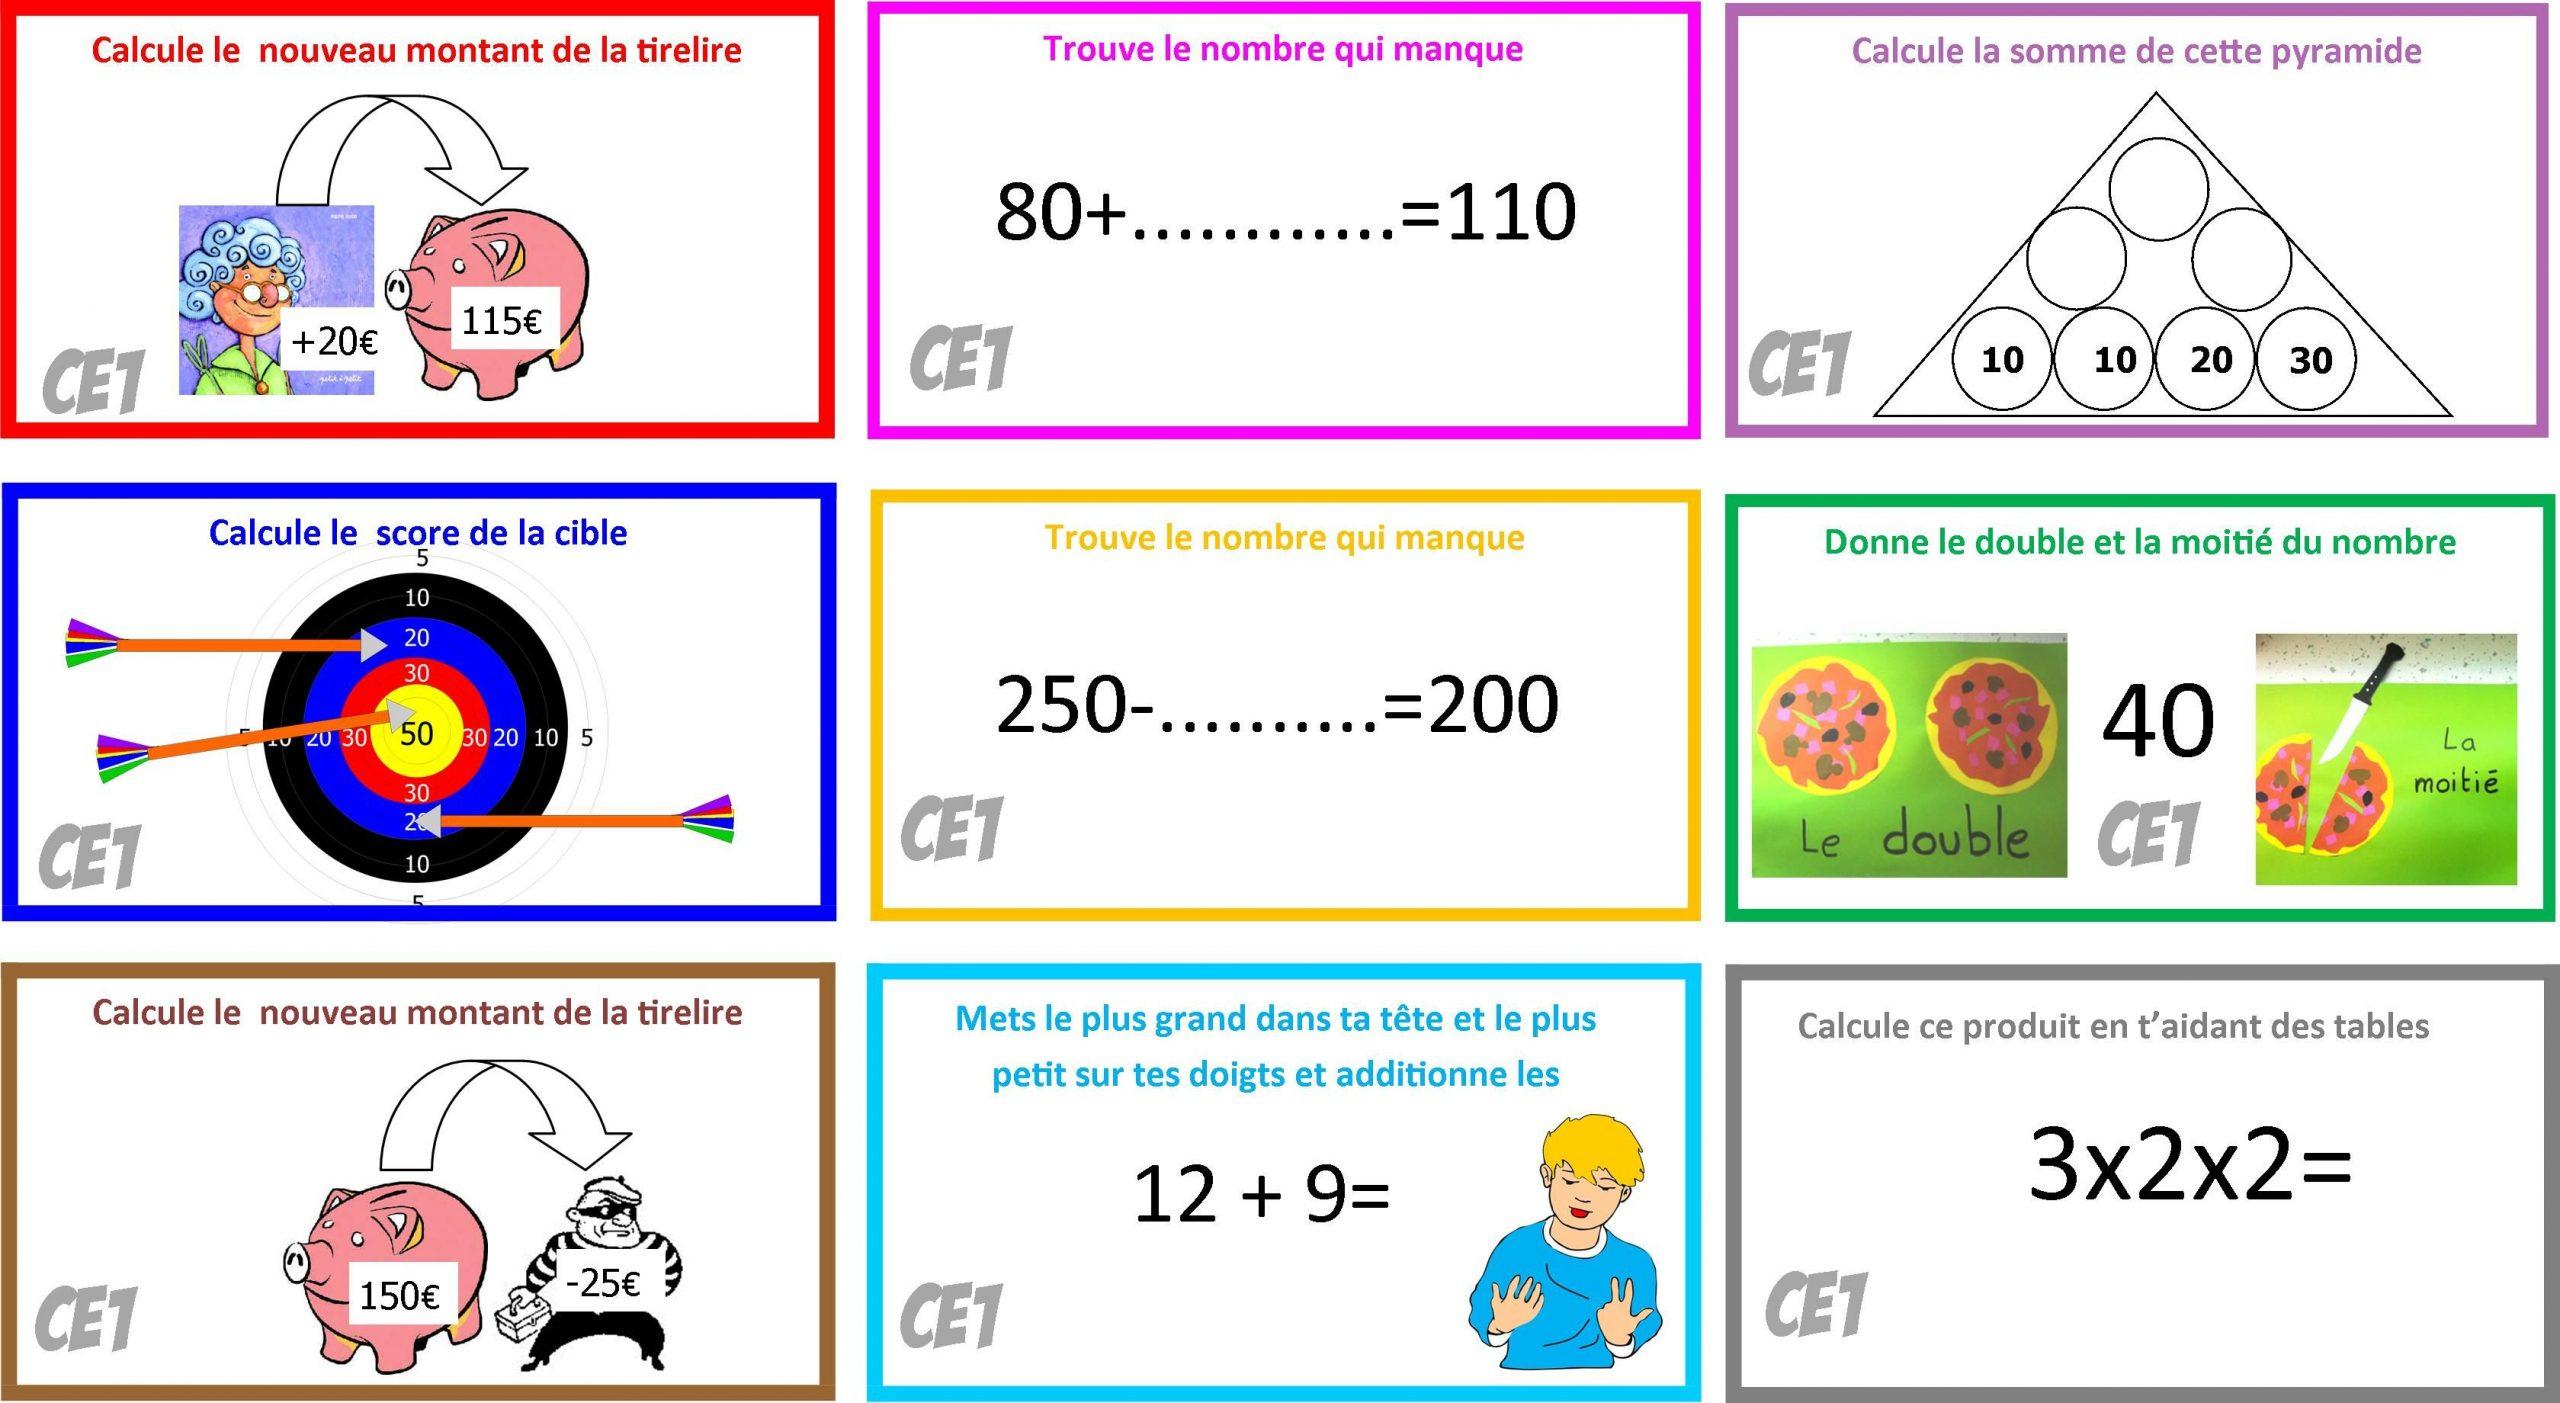 Cartes Himathslaya 2 (Avec Images)   Jeux De Calcul Mental destiné Jeu Calcul Enfant